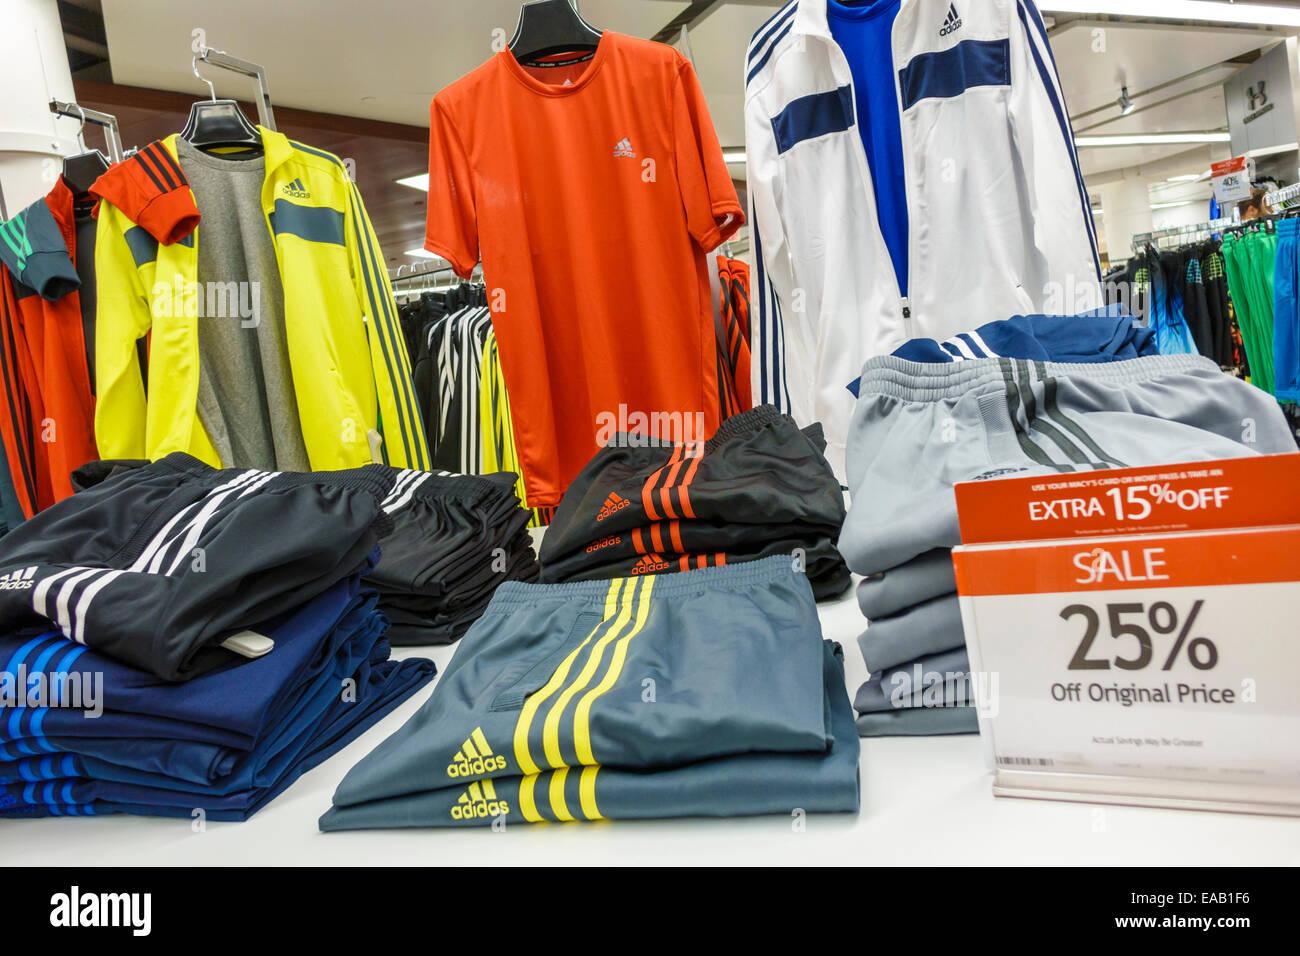 adidas sportswear for sale